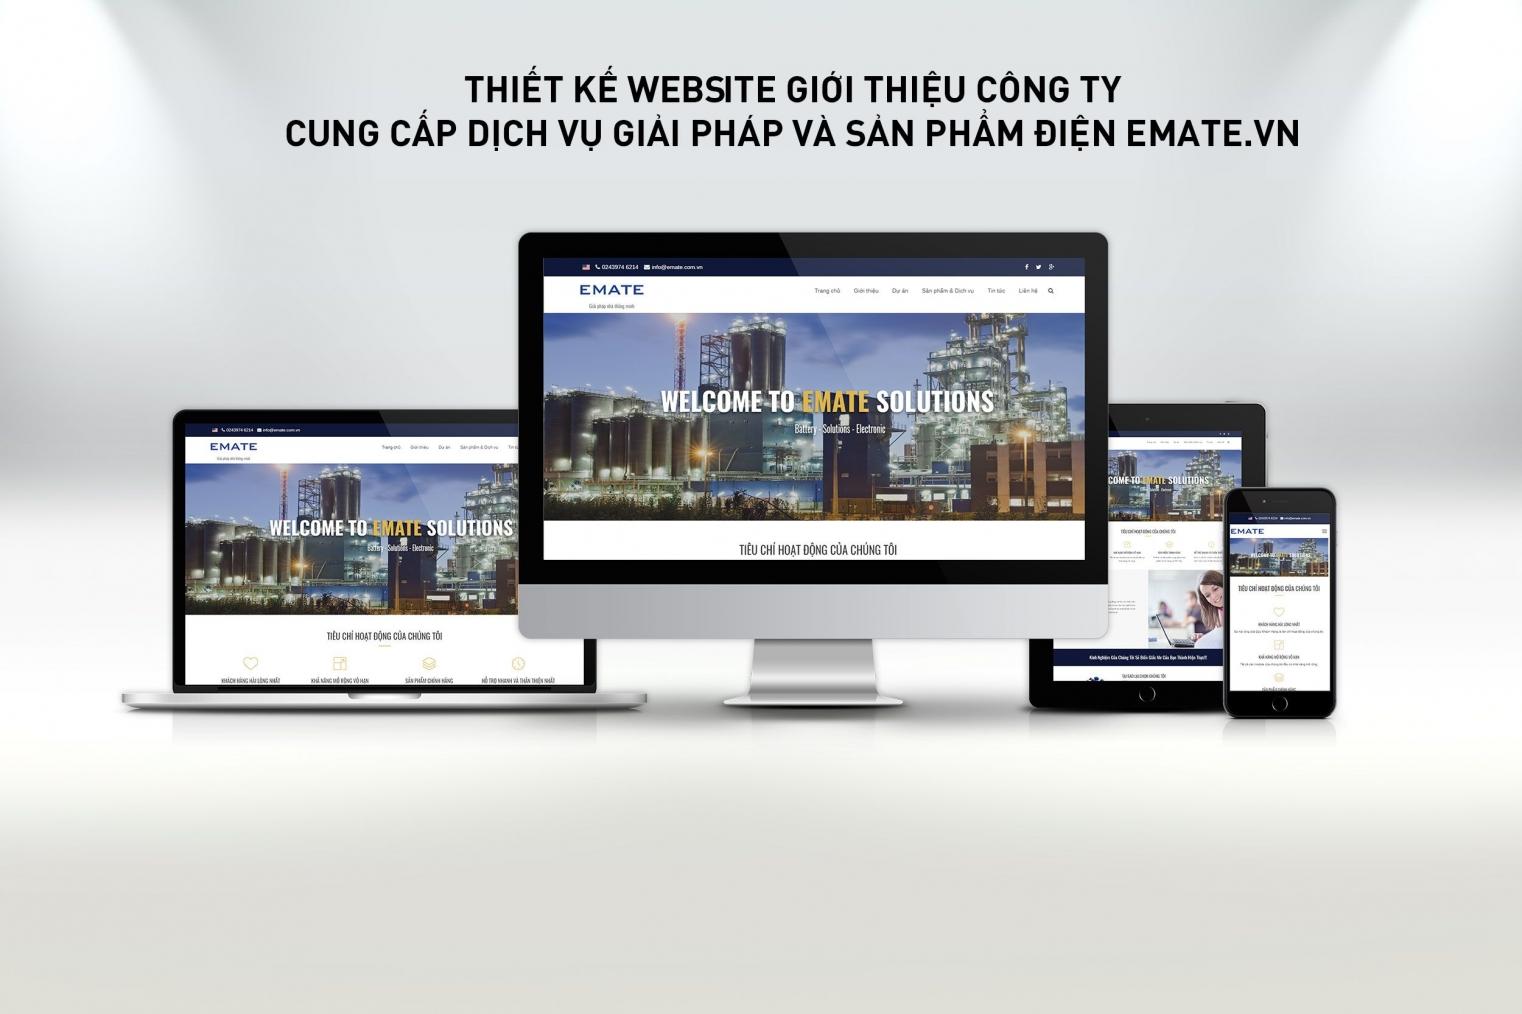 Thiết kế website giới thiệu công ty thiết bị điện Emate